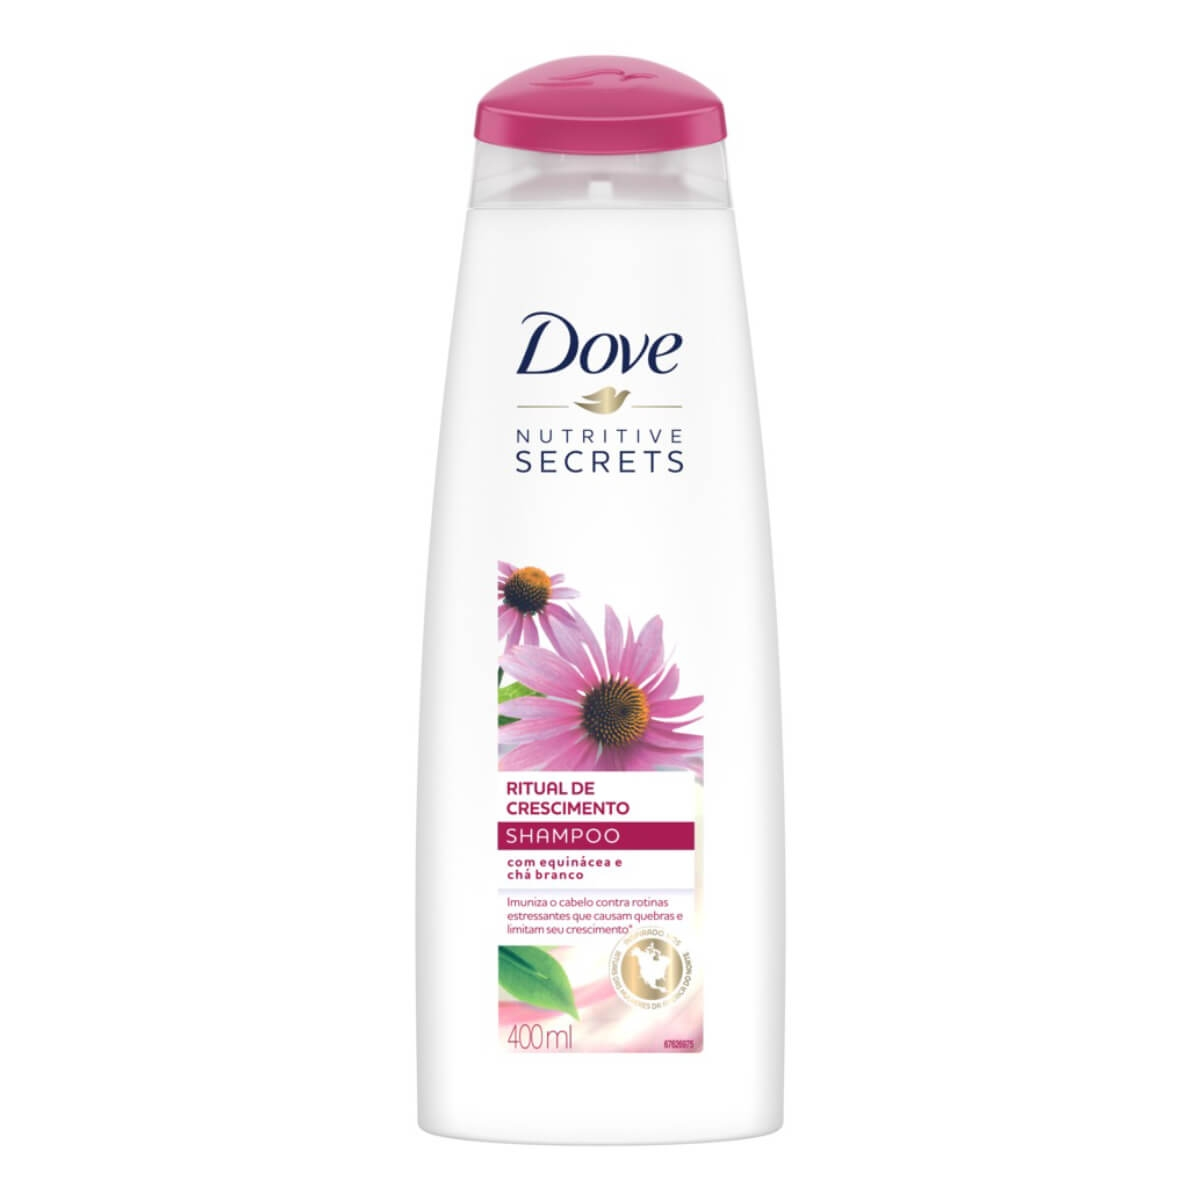 Shampoo Dove Nutritive Secrets Ritual de Crescimento com 400ml 400ml